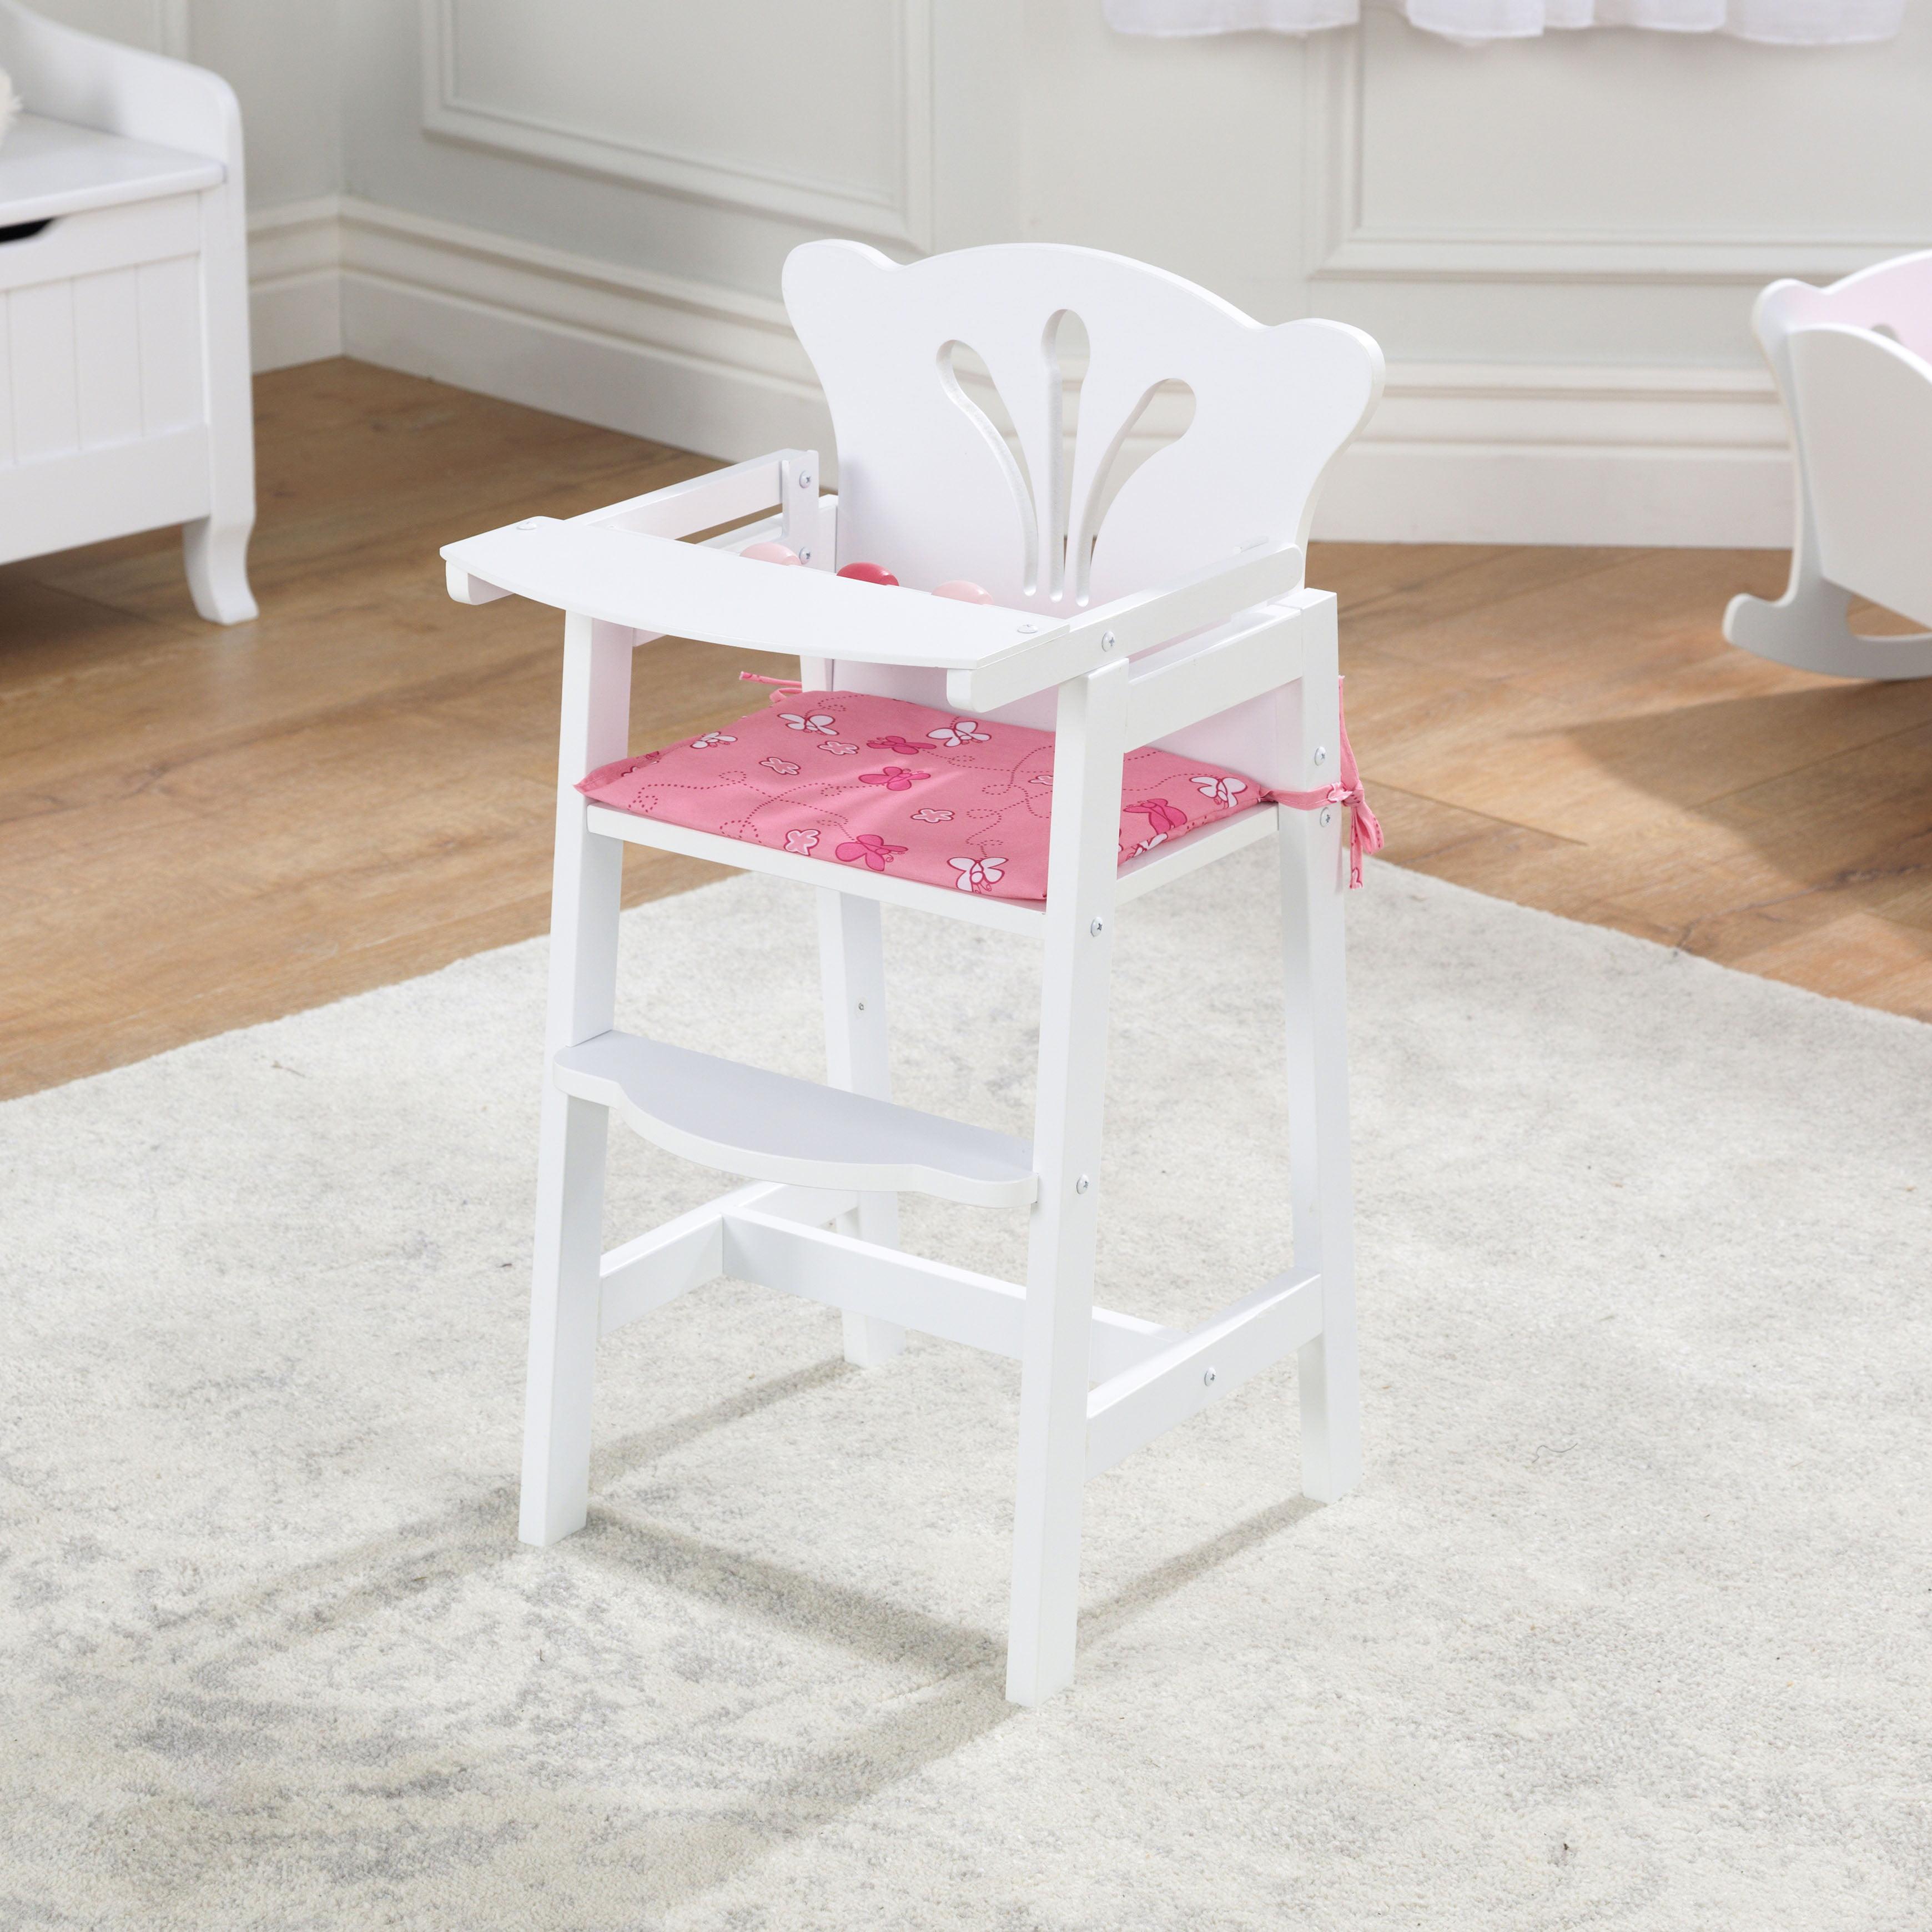 Miraculous Kidkraft Lil Doll High Chair Walmart Com Spiritservingveterans Wood Chair Design Ideas Spiritservingveteransorg